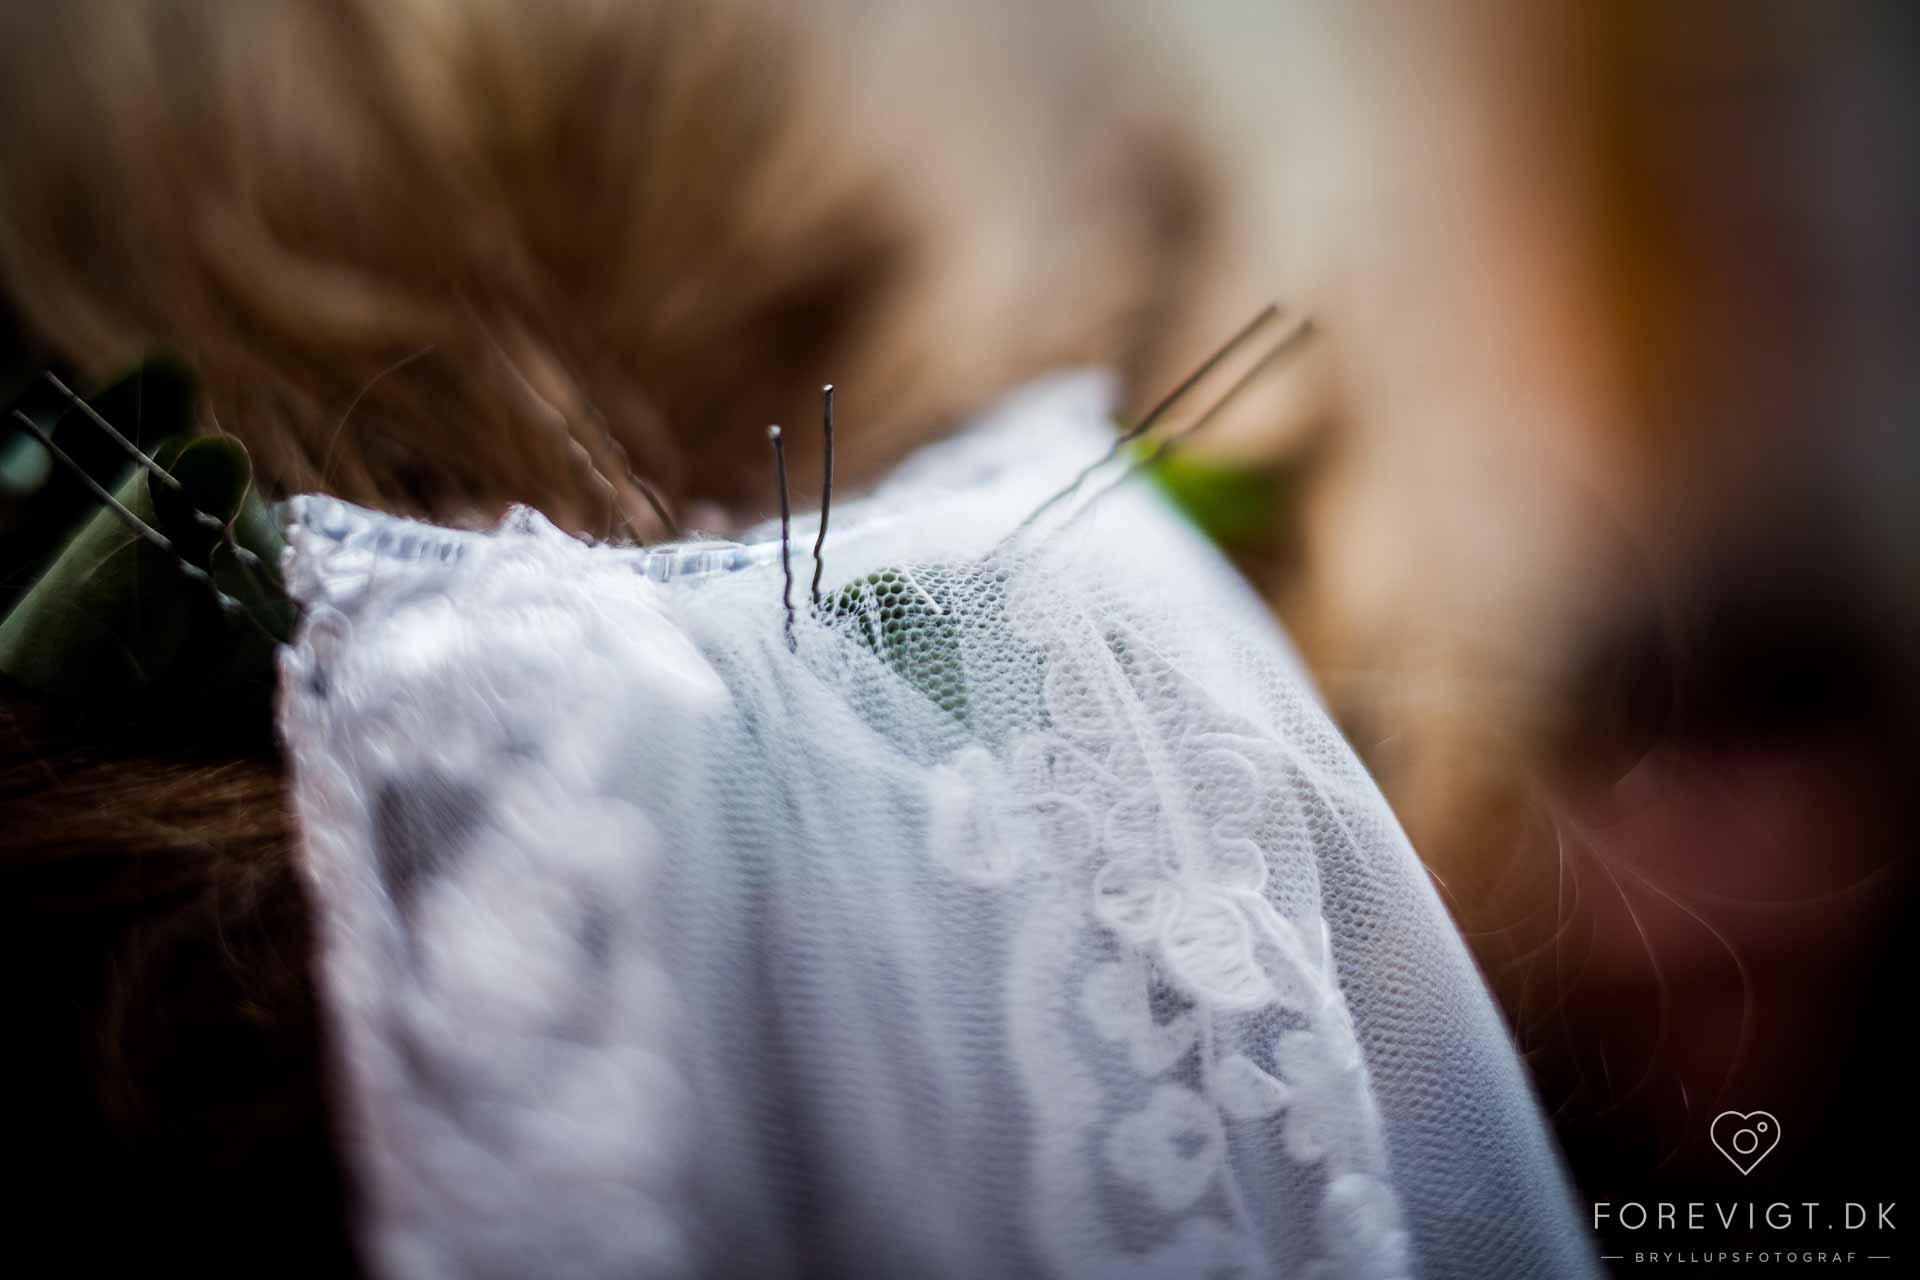 Drømmer I om et kongeligt eller enestående bryllup i eventyrlige omgivelser